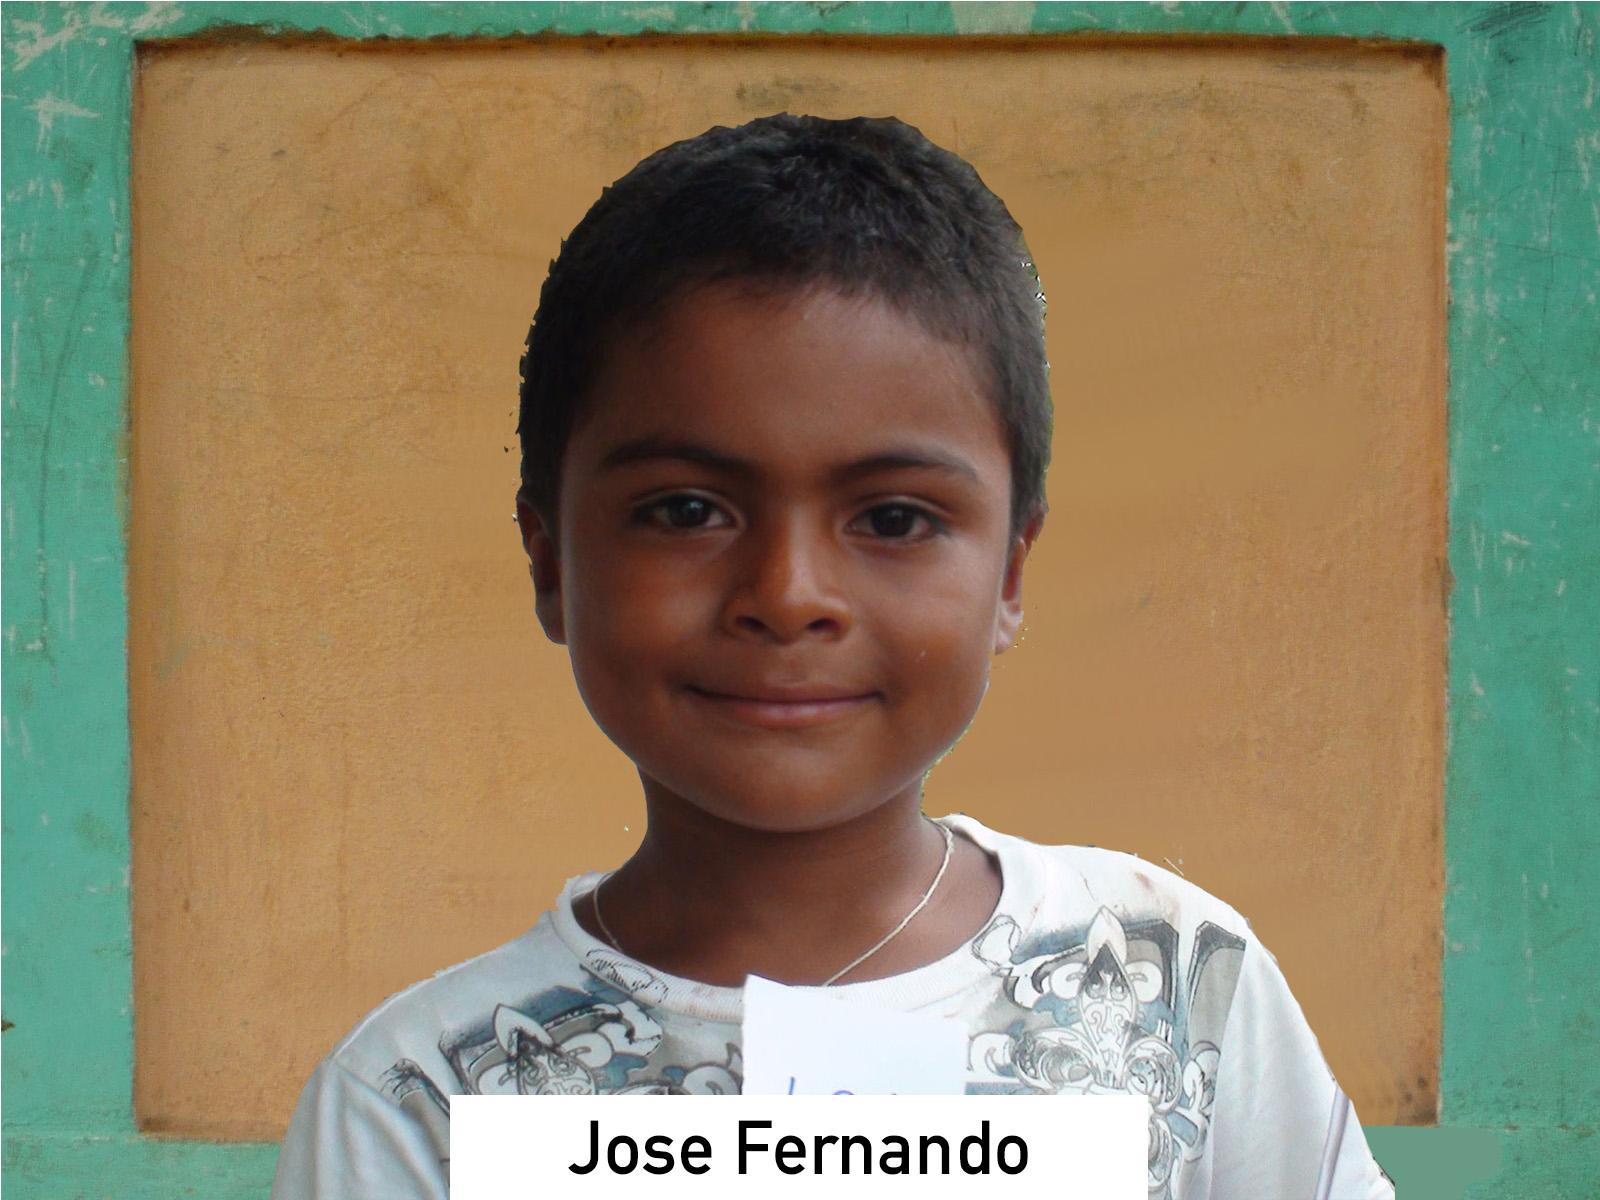 101 - Jose Fernando.jpg